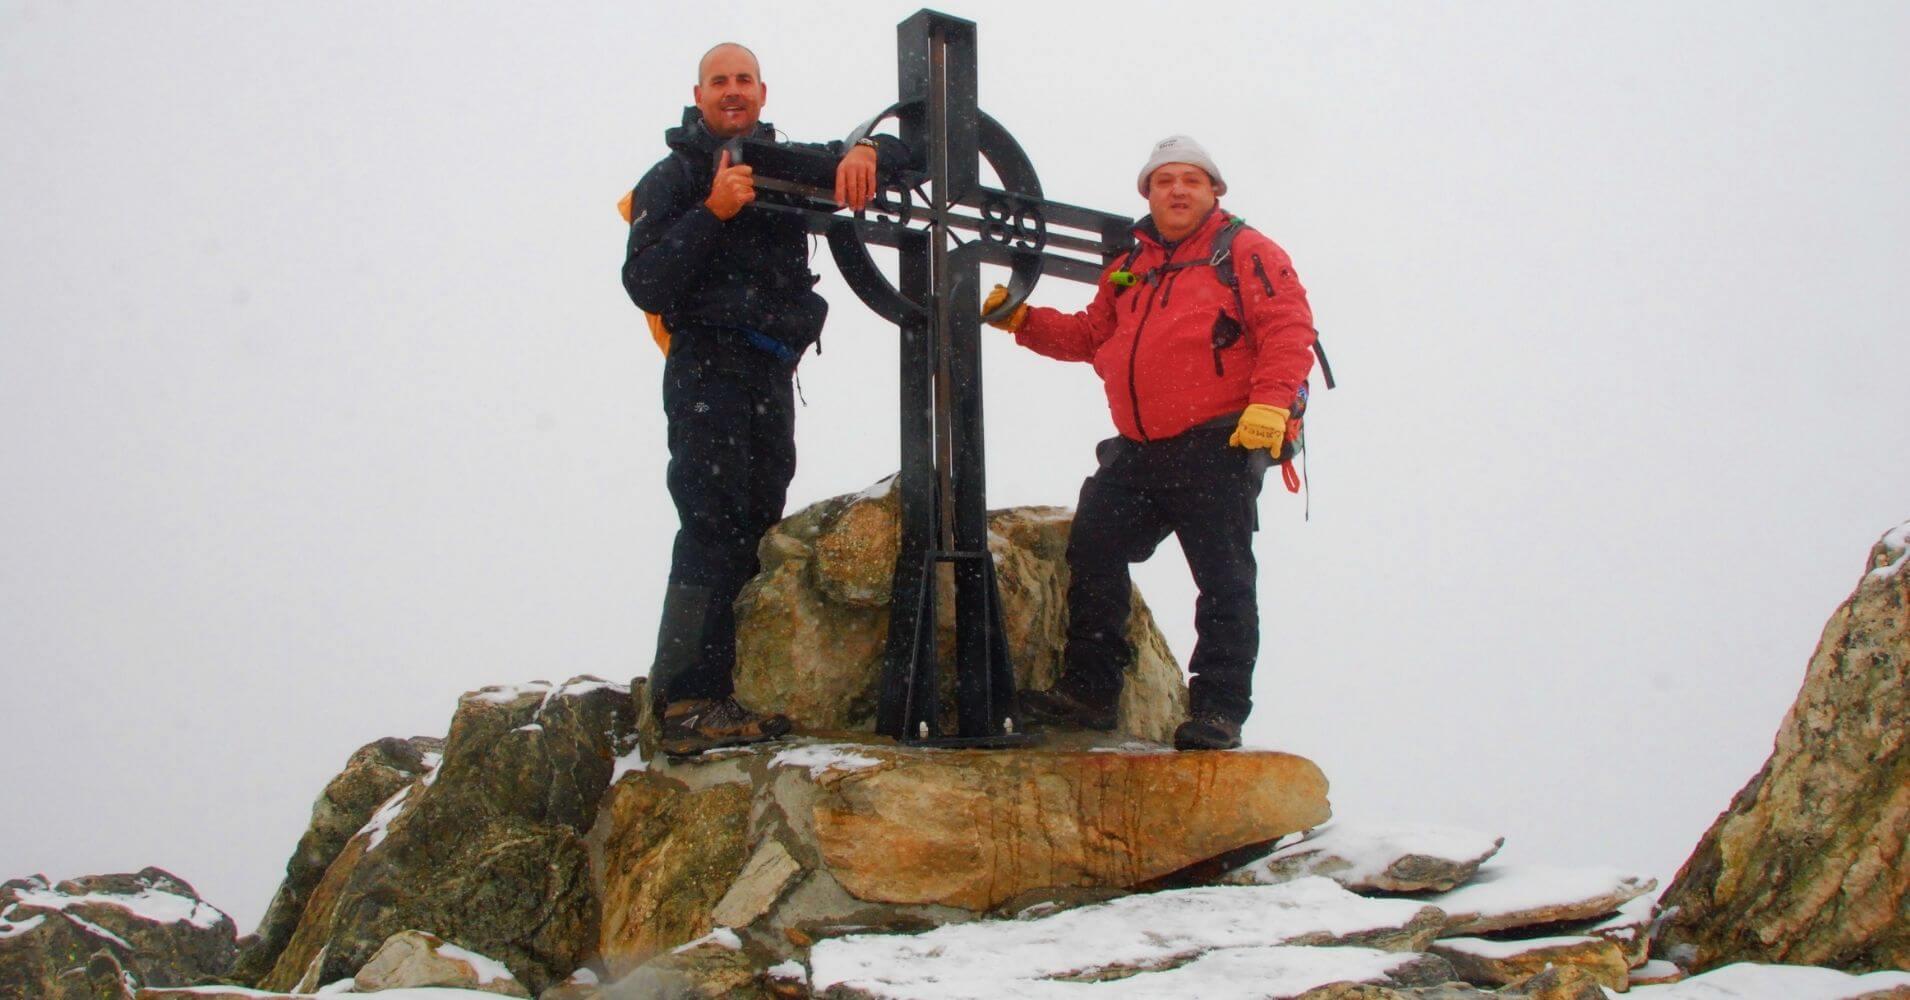 Cumbre de Eggishorn. fiesch, Suiza.